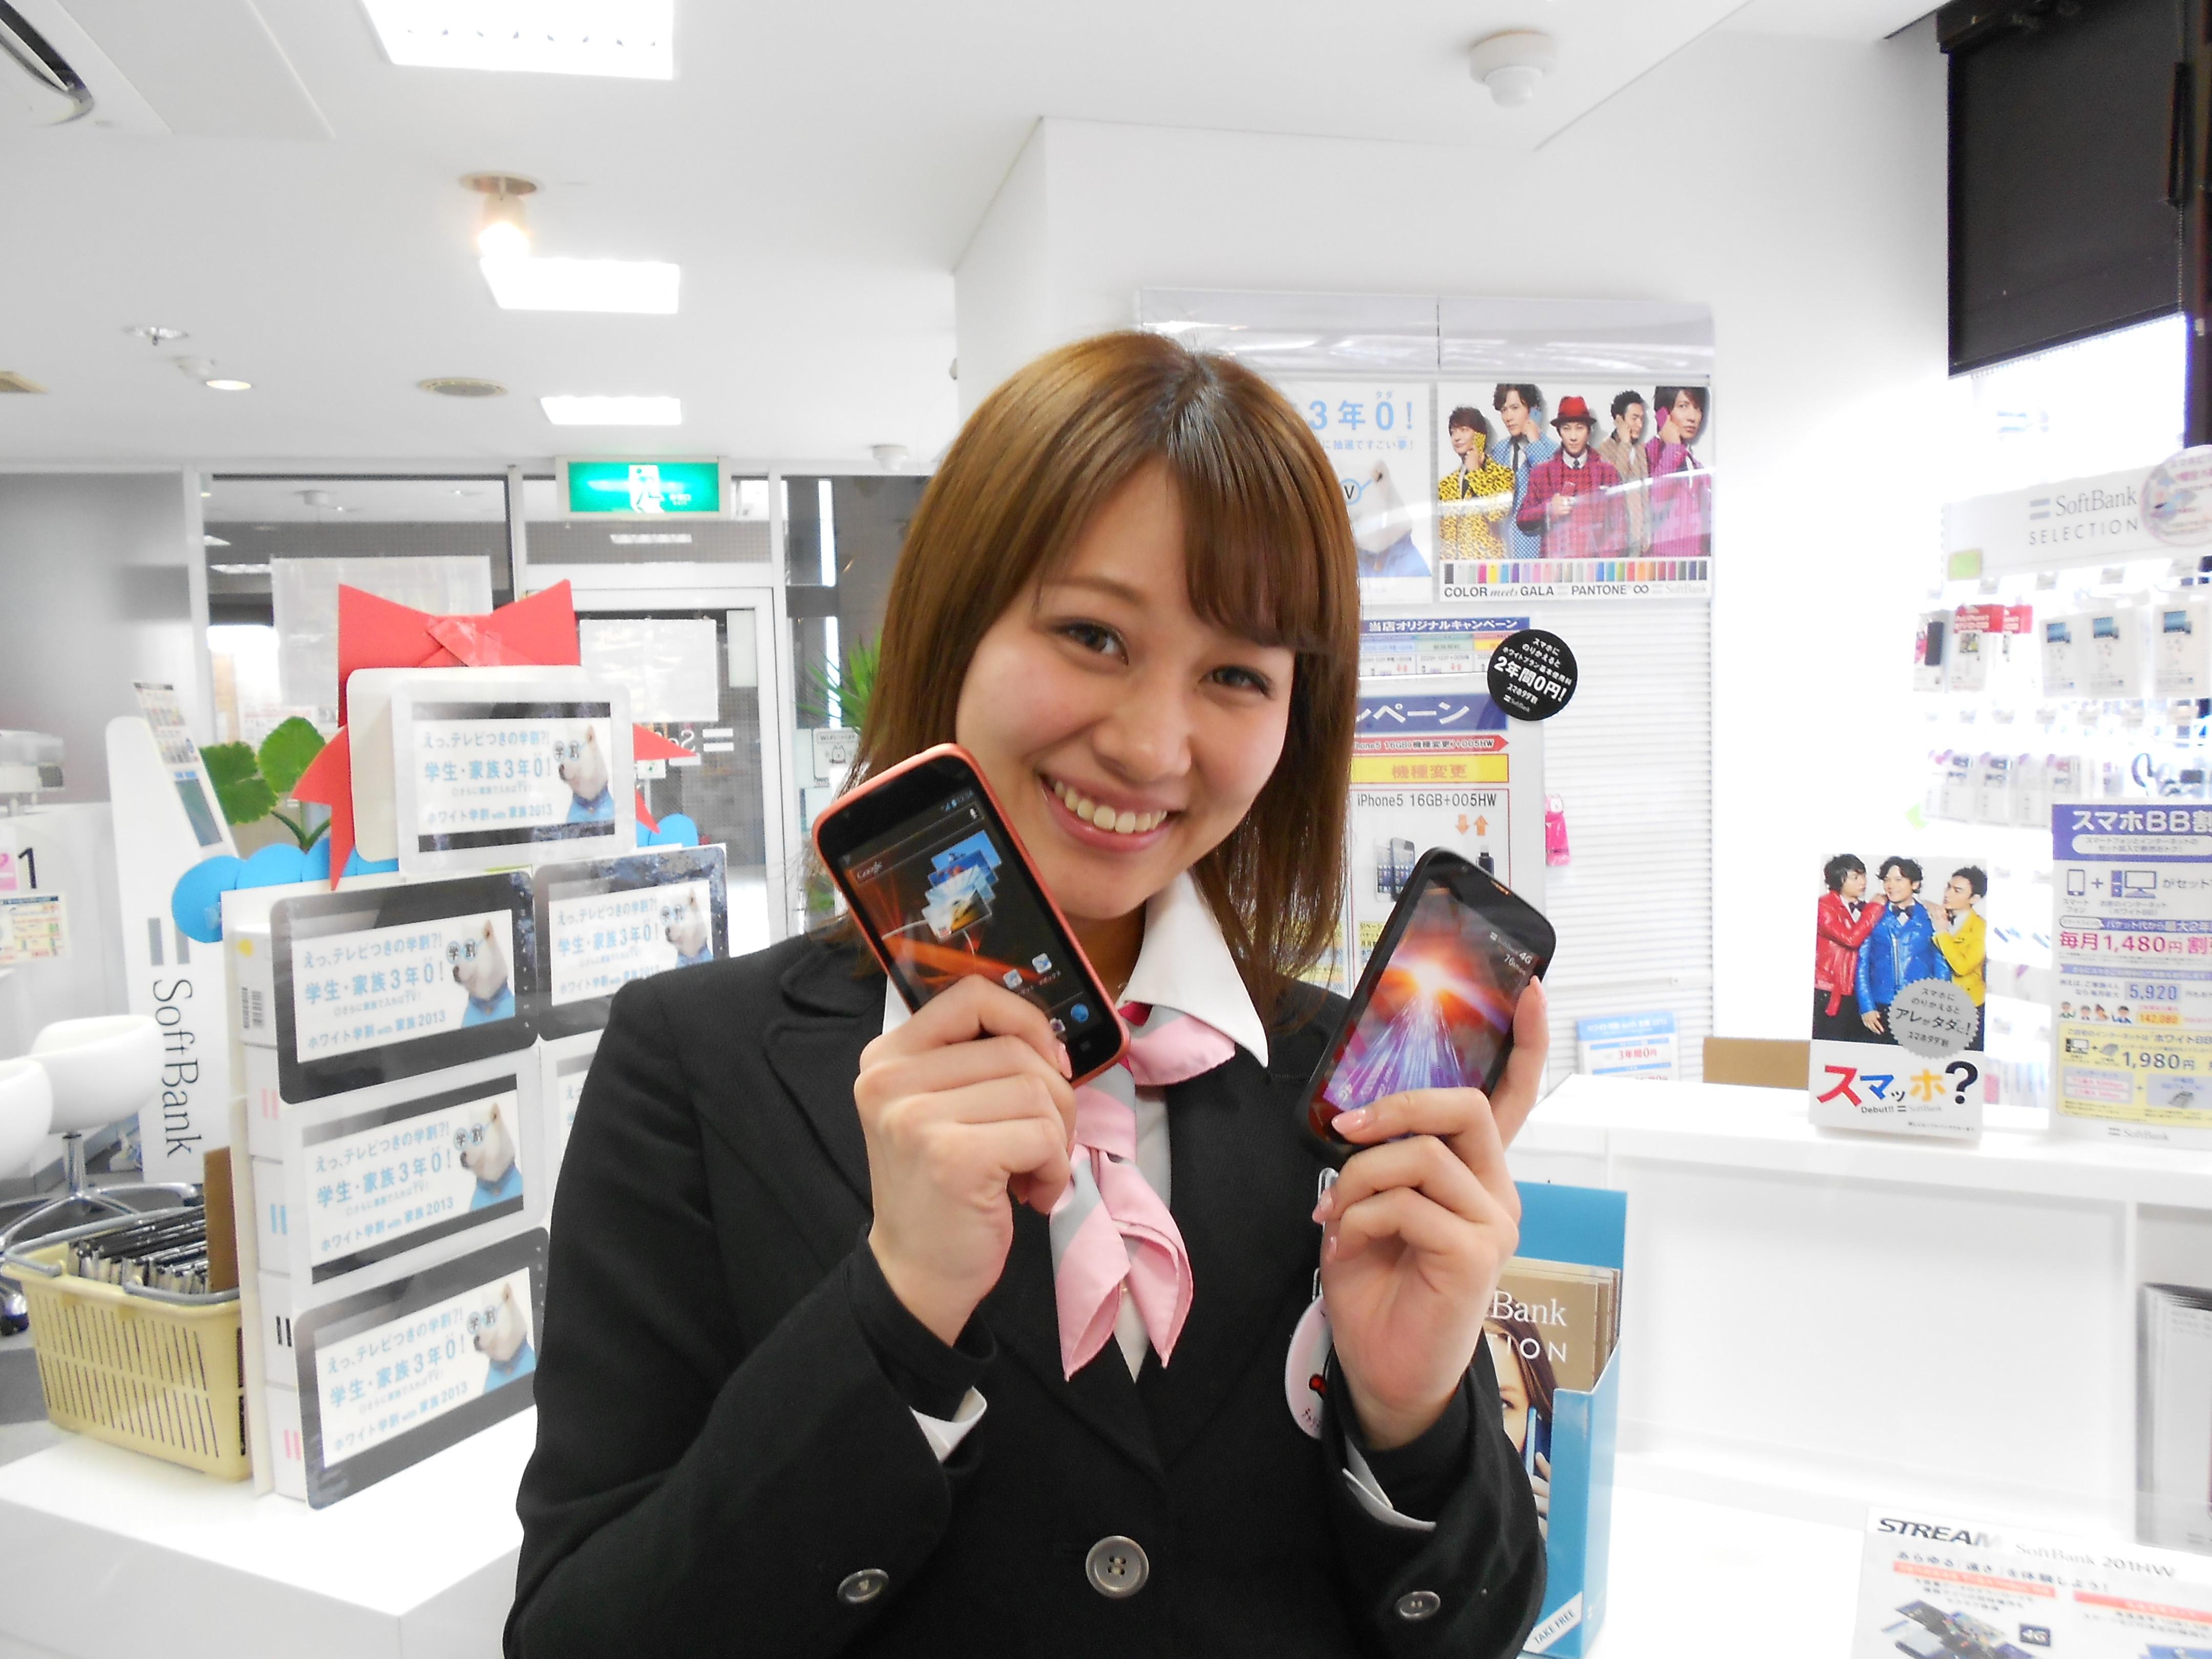 ワイモバイル 人形町(株式会社シエロ)のアルバイト情報